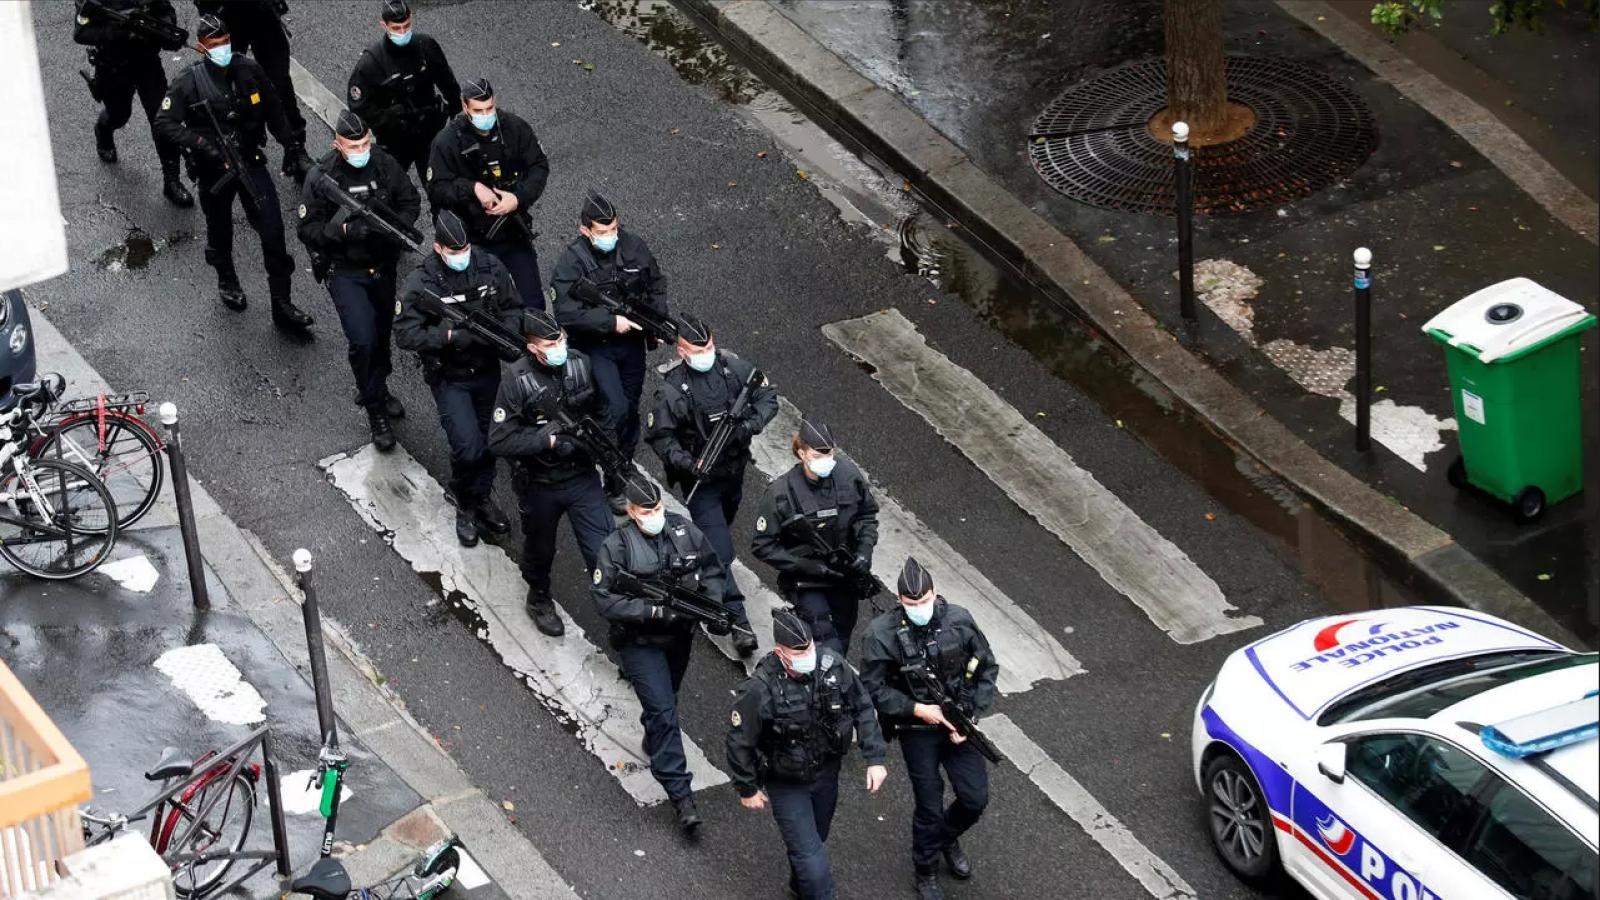 Tấn công bằng dao gần địa chỉ trụ sở cũ của tòa soạn báo Charlie Hebdo tại Paris